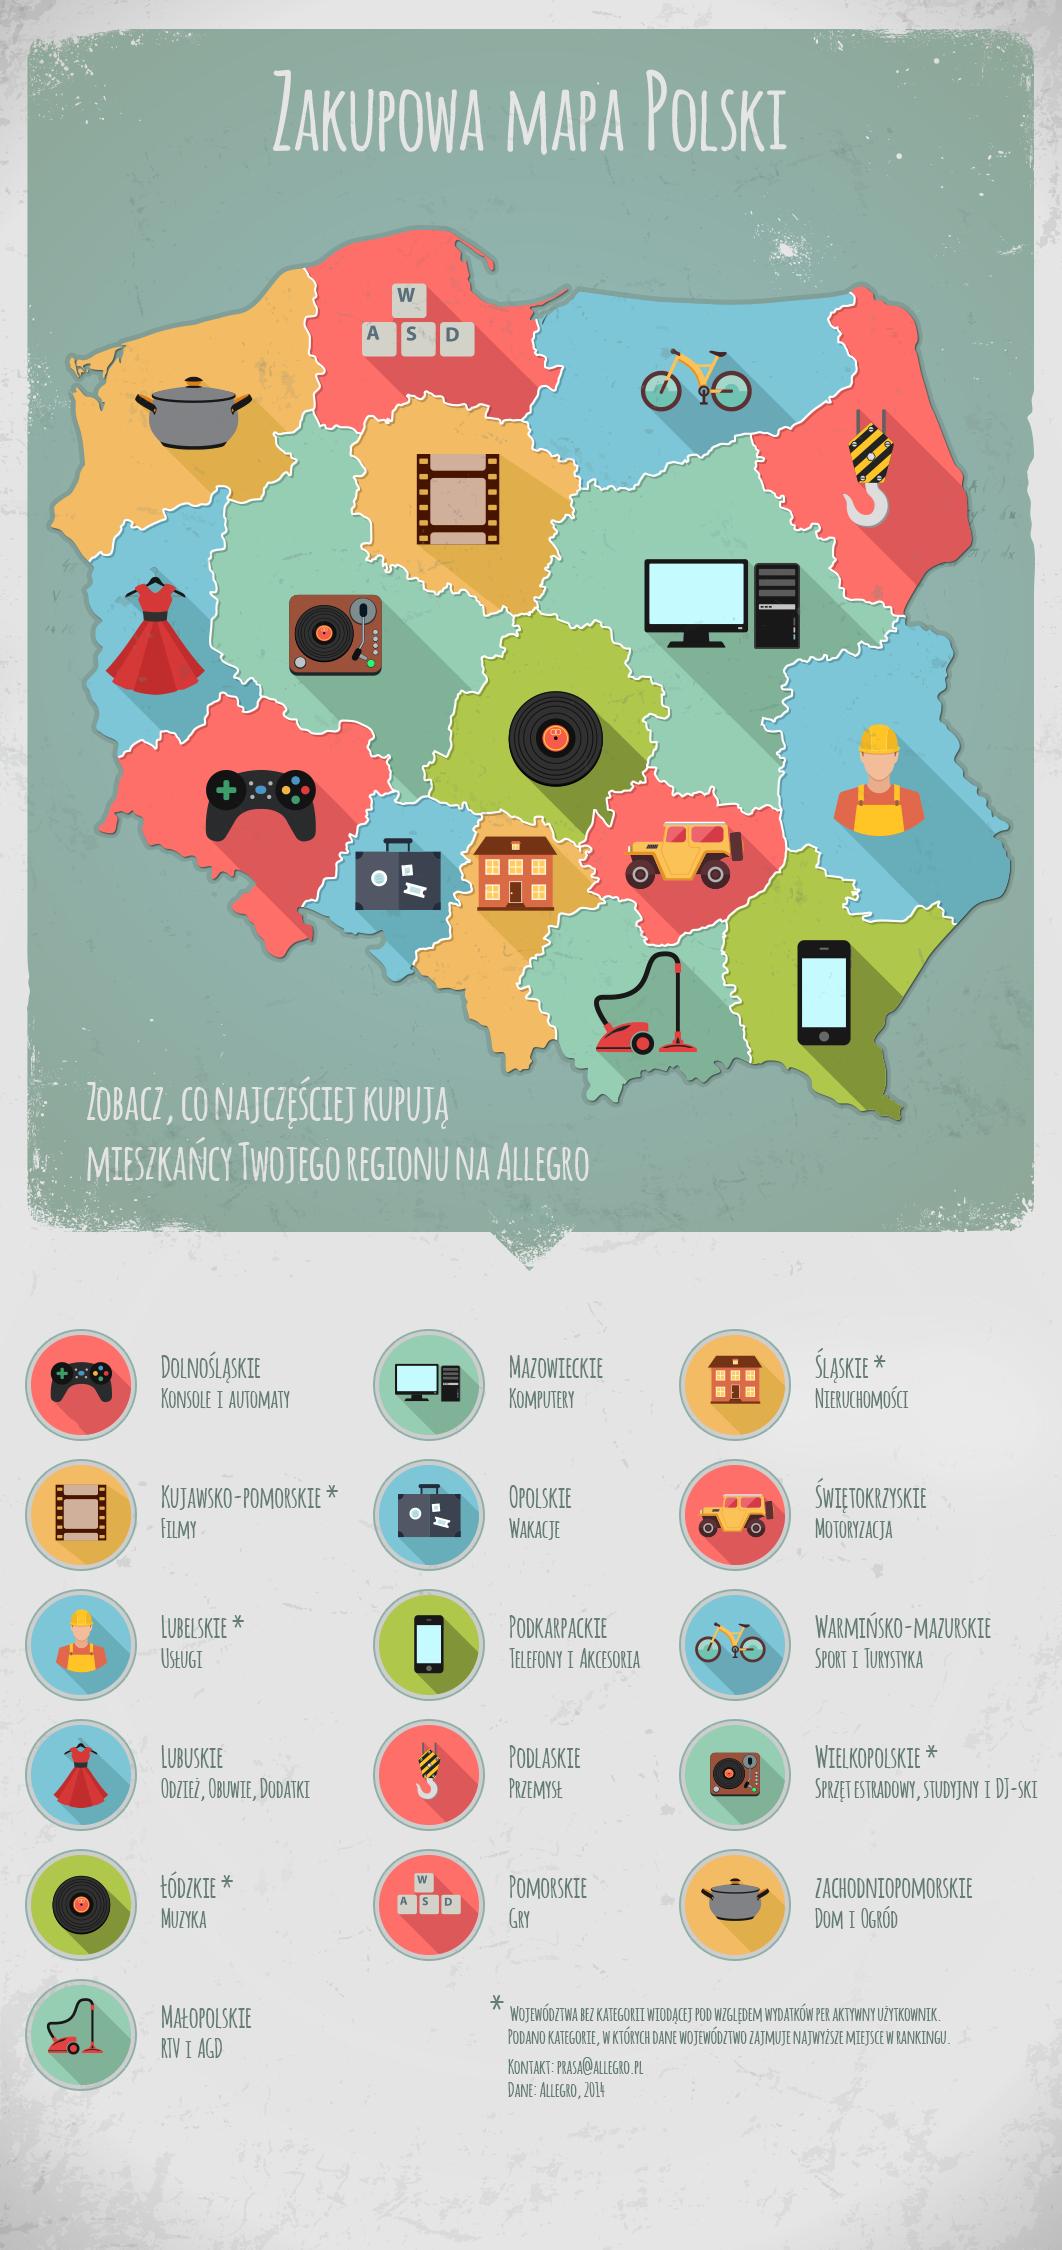 Zakupowa mapa Polski